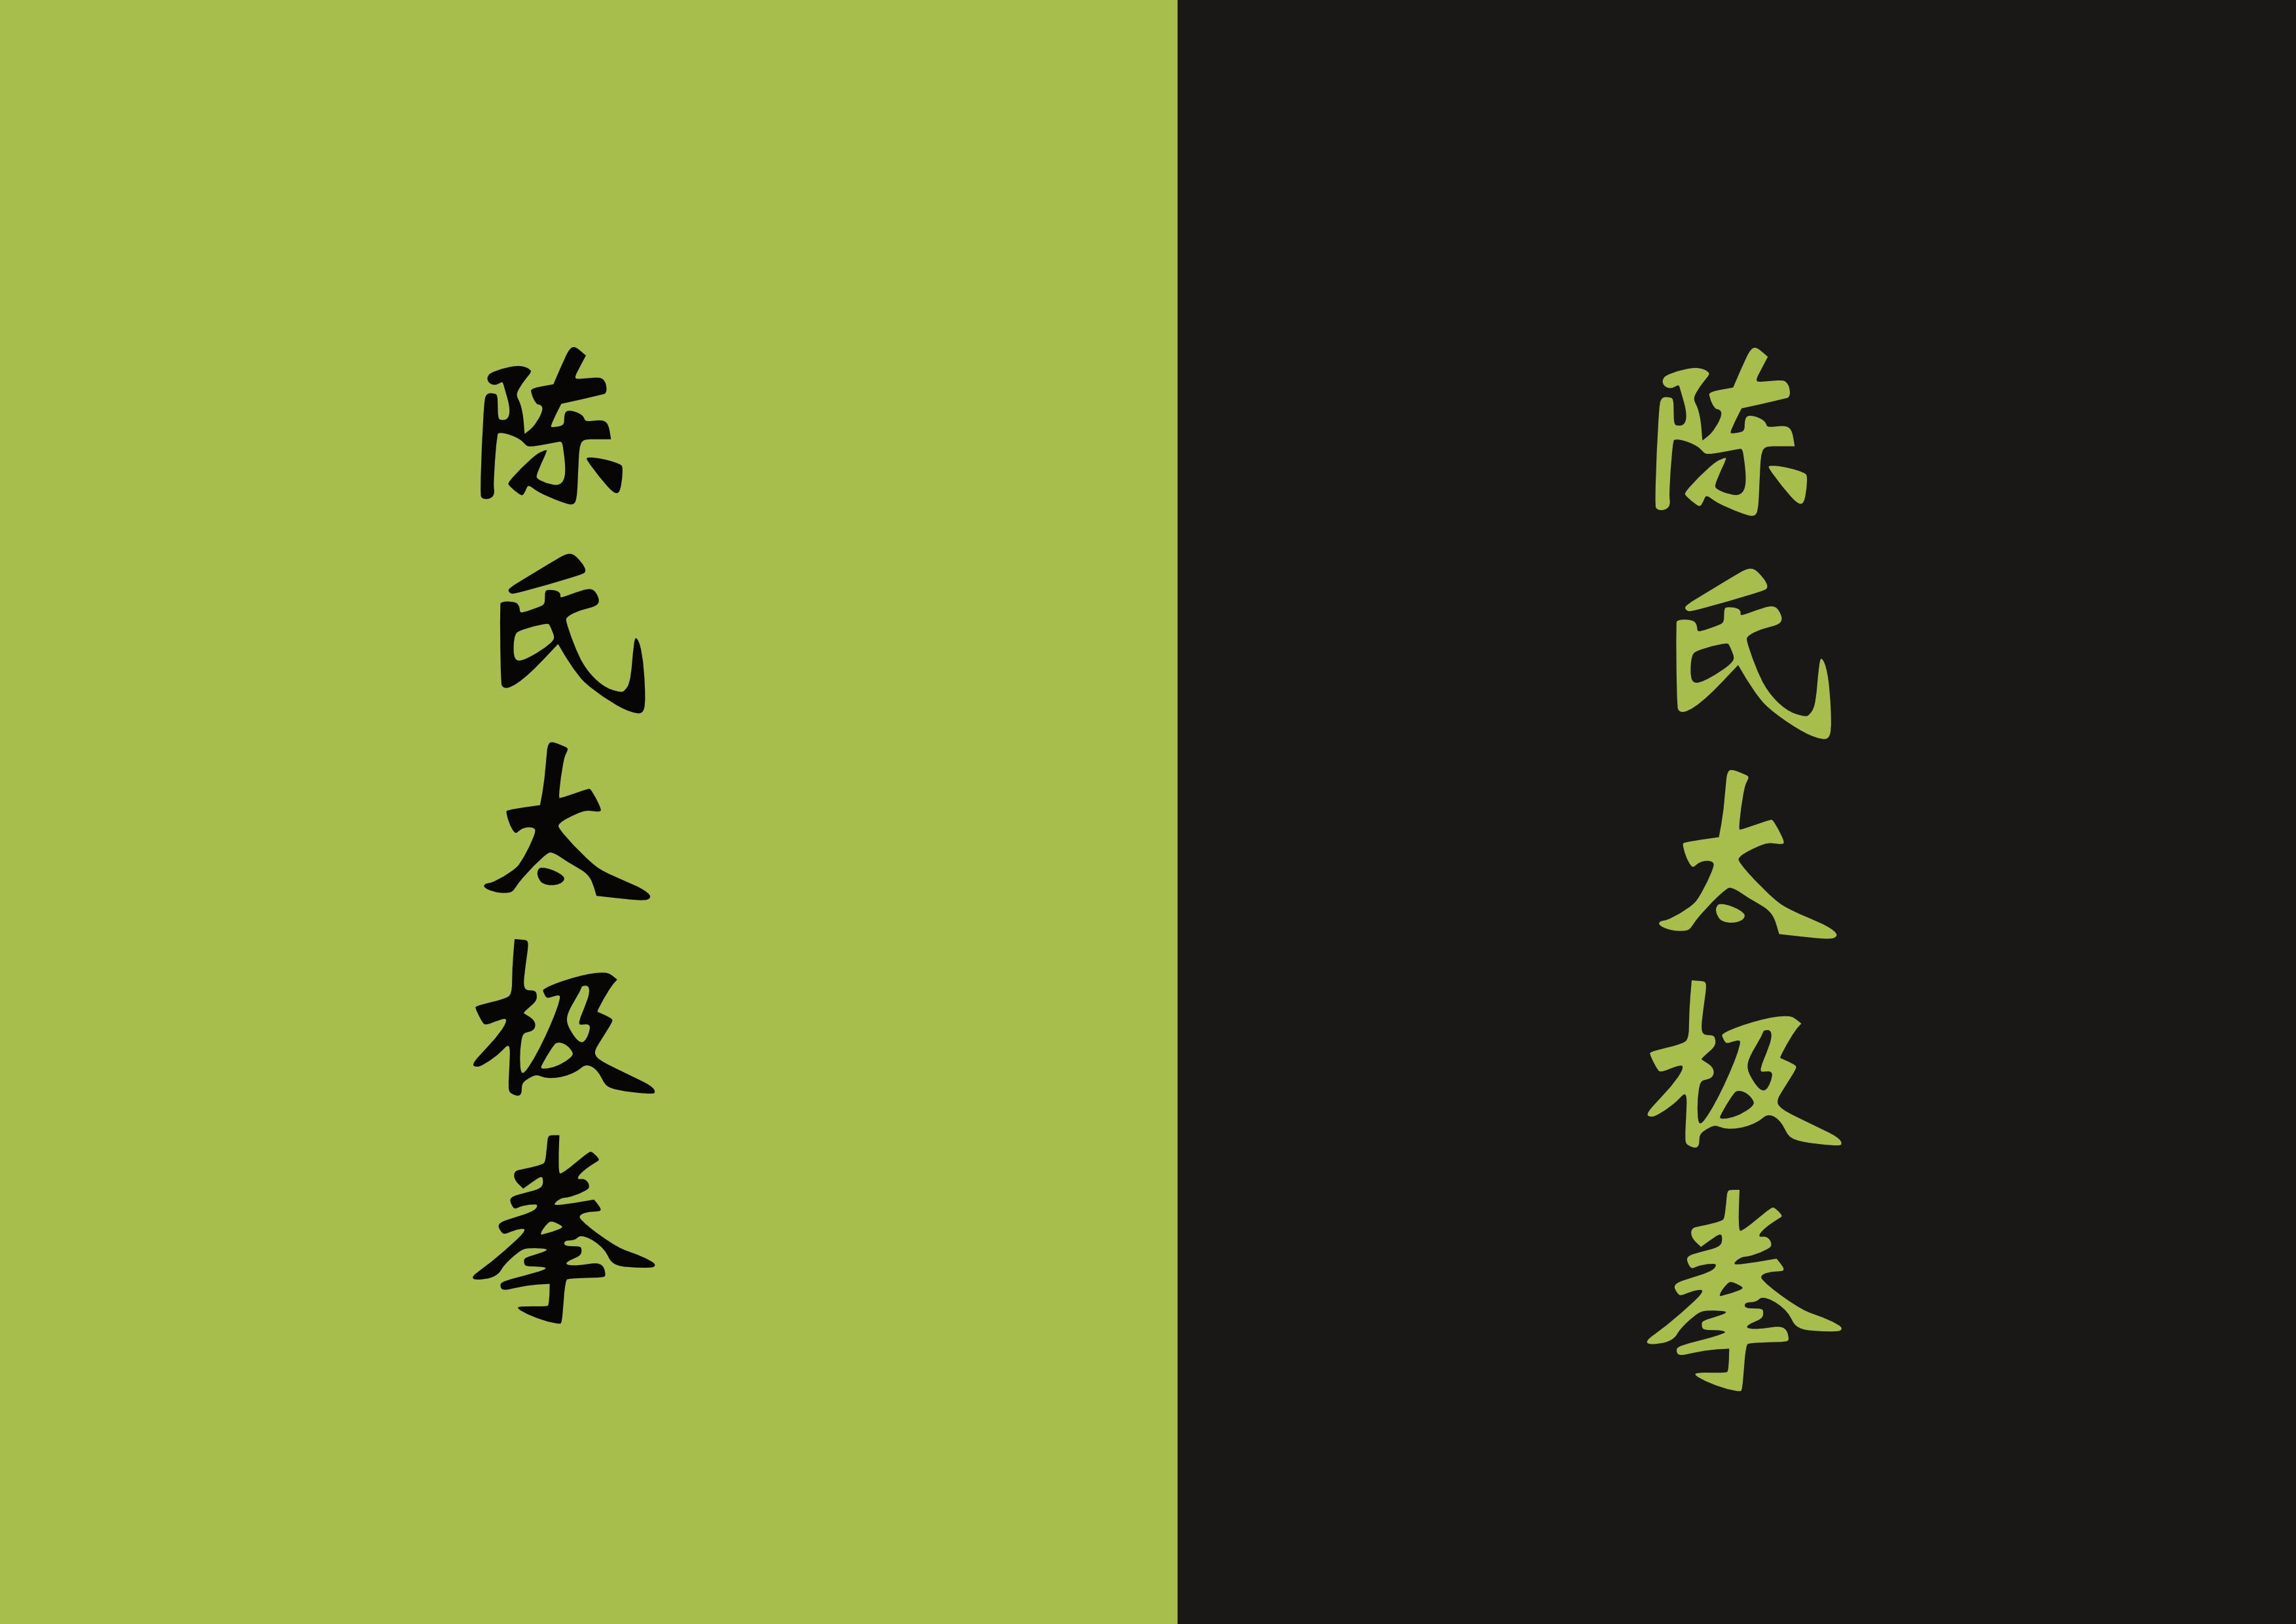 陳氏太極拳 (Taiji Quan rodiny Chen)